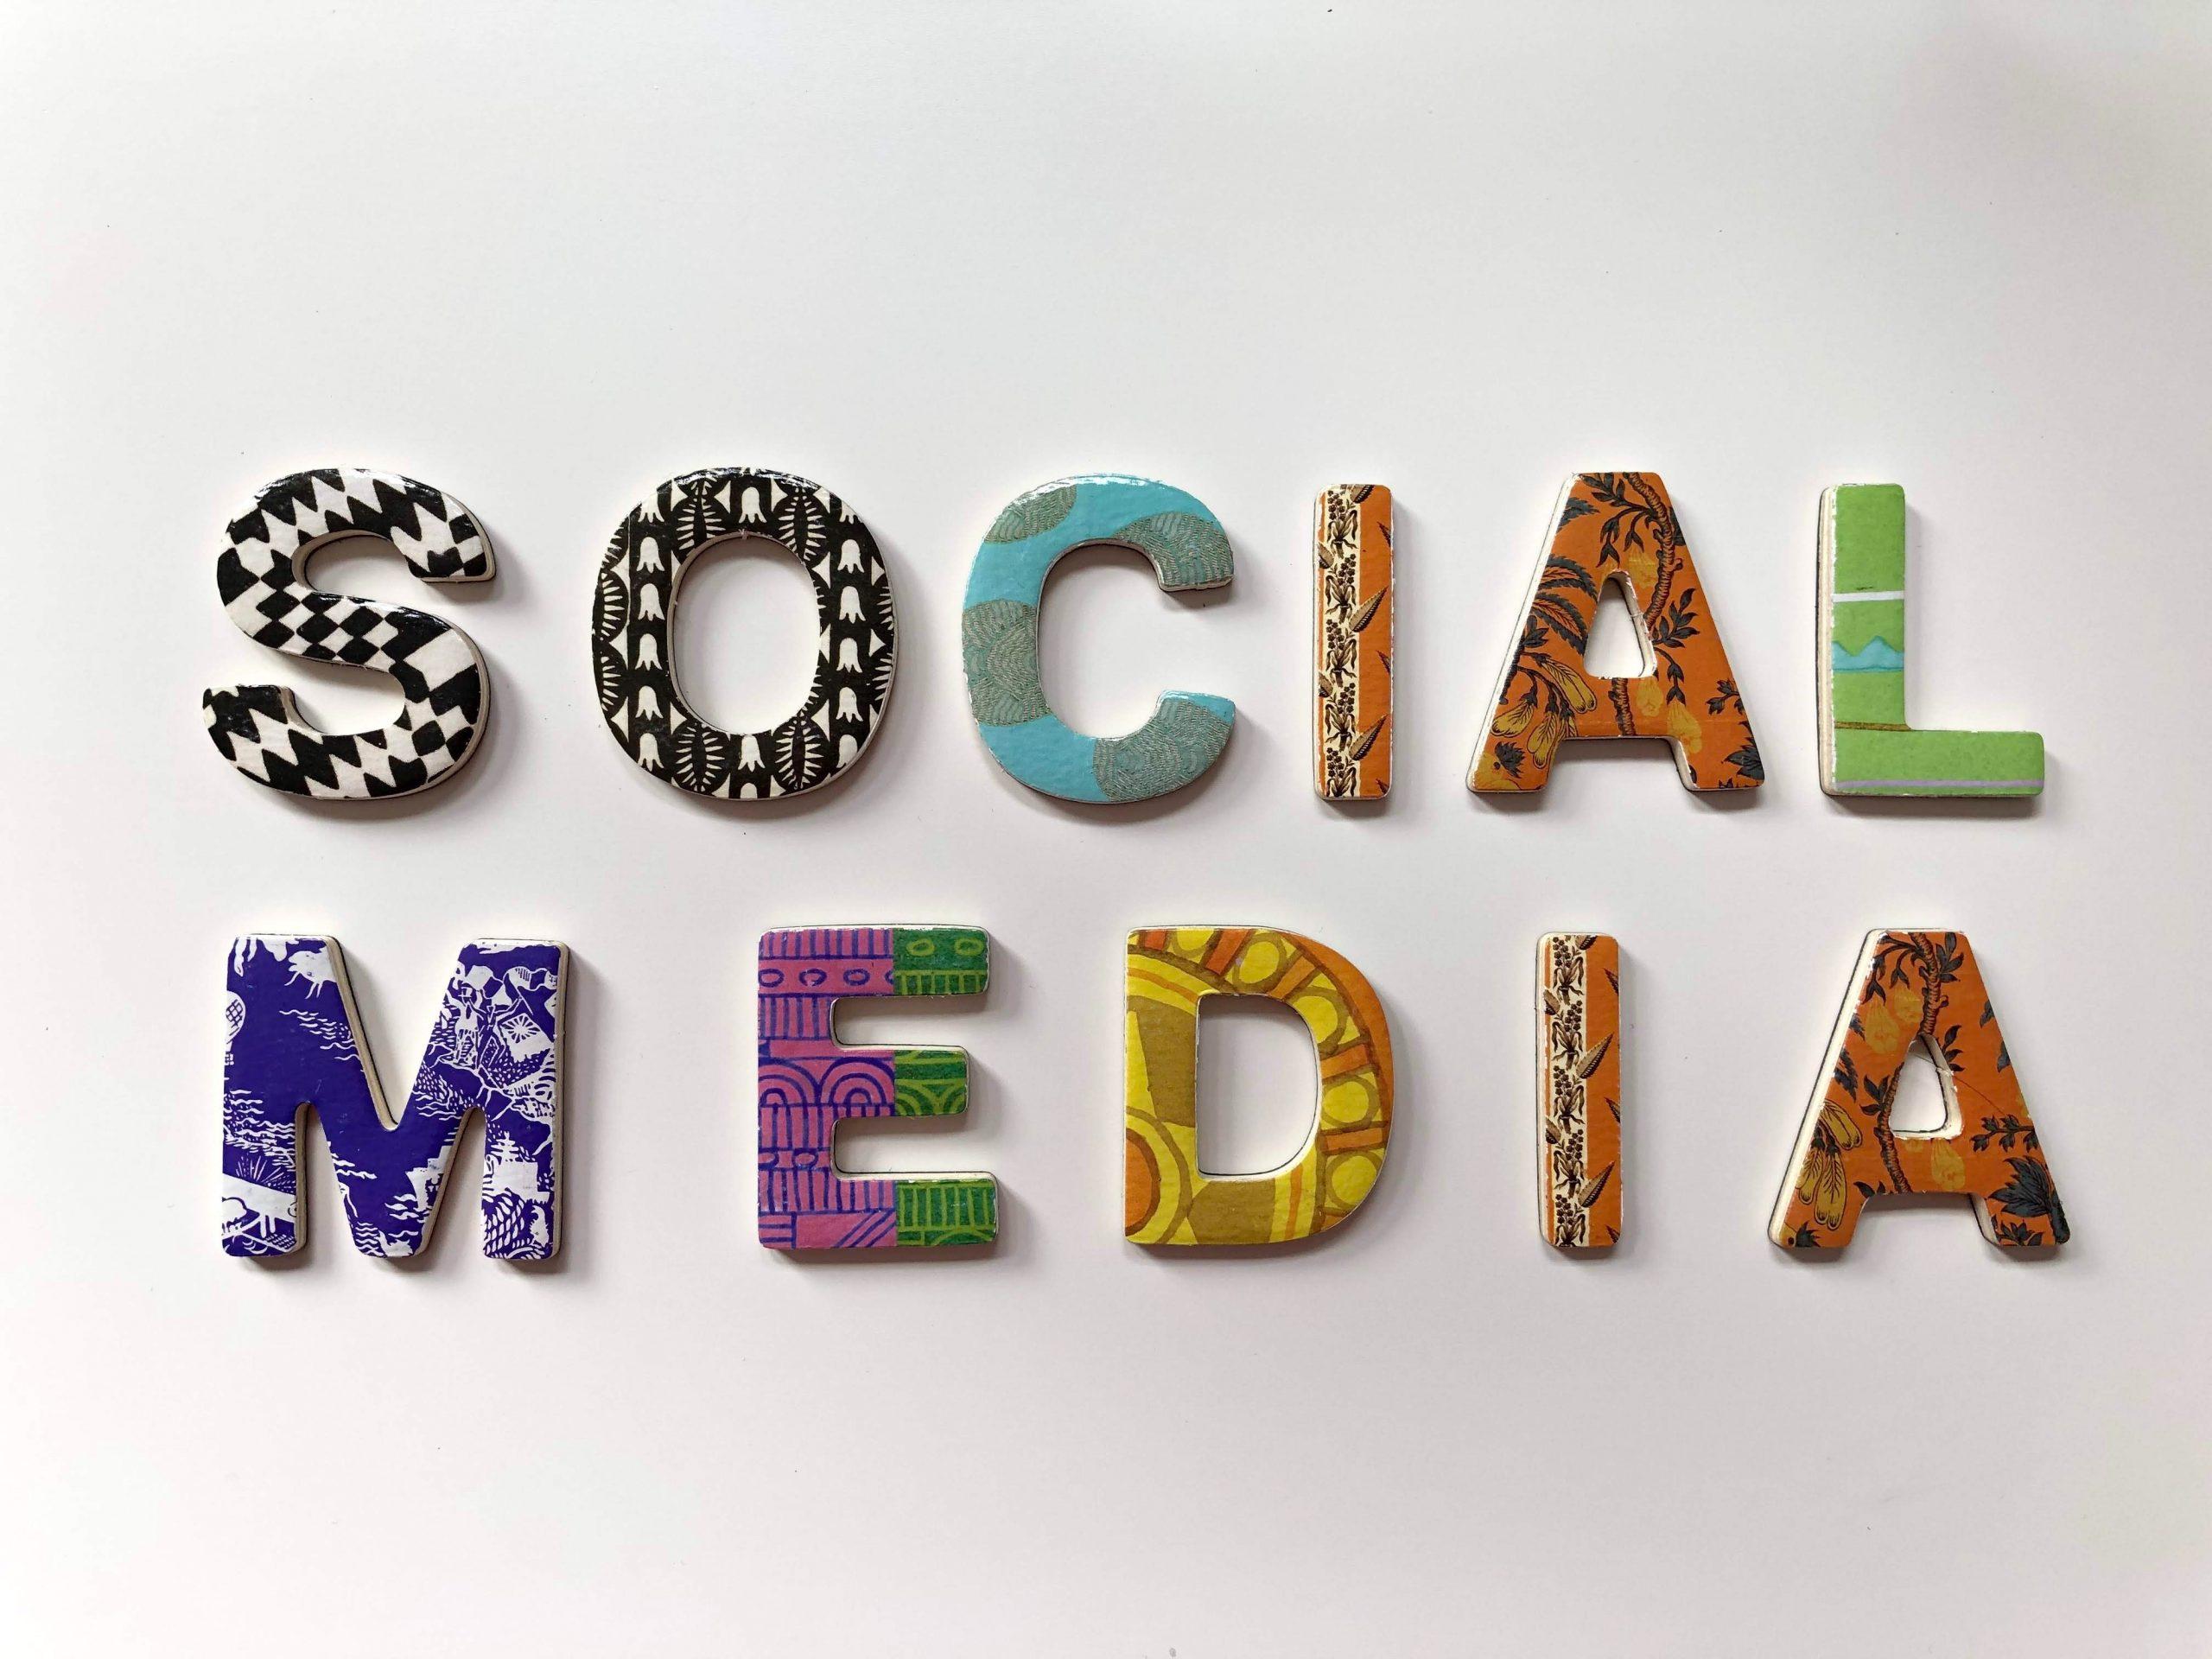 Con la giusta preparazione, i bambini si muovono in modo più sicuro e responsabile sui canali dei social media.